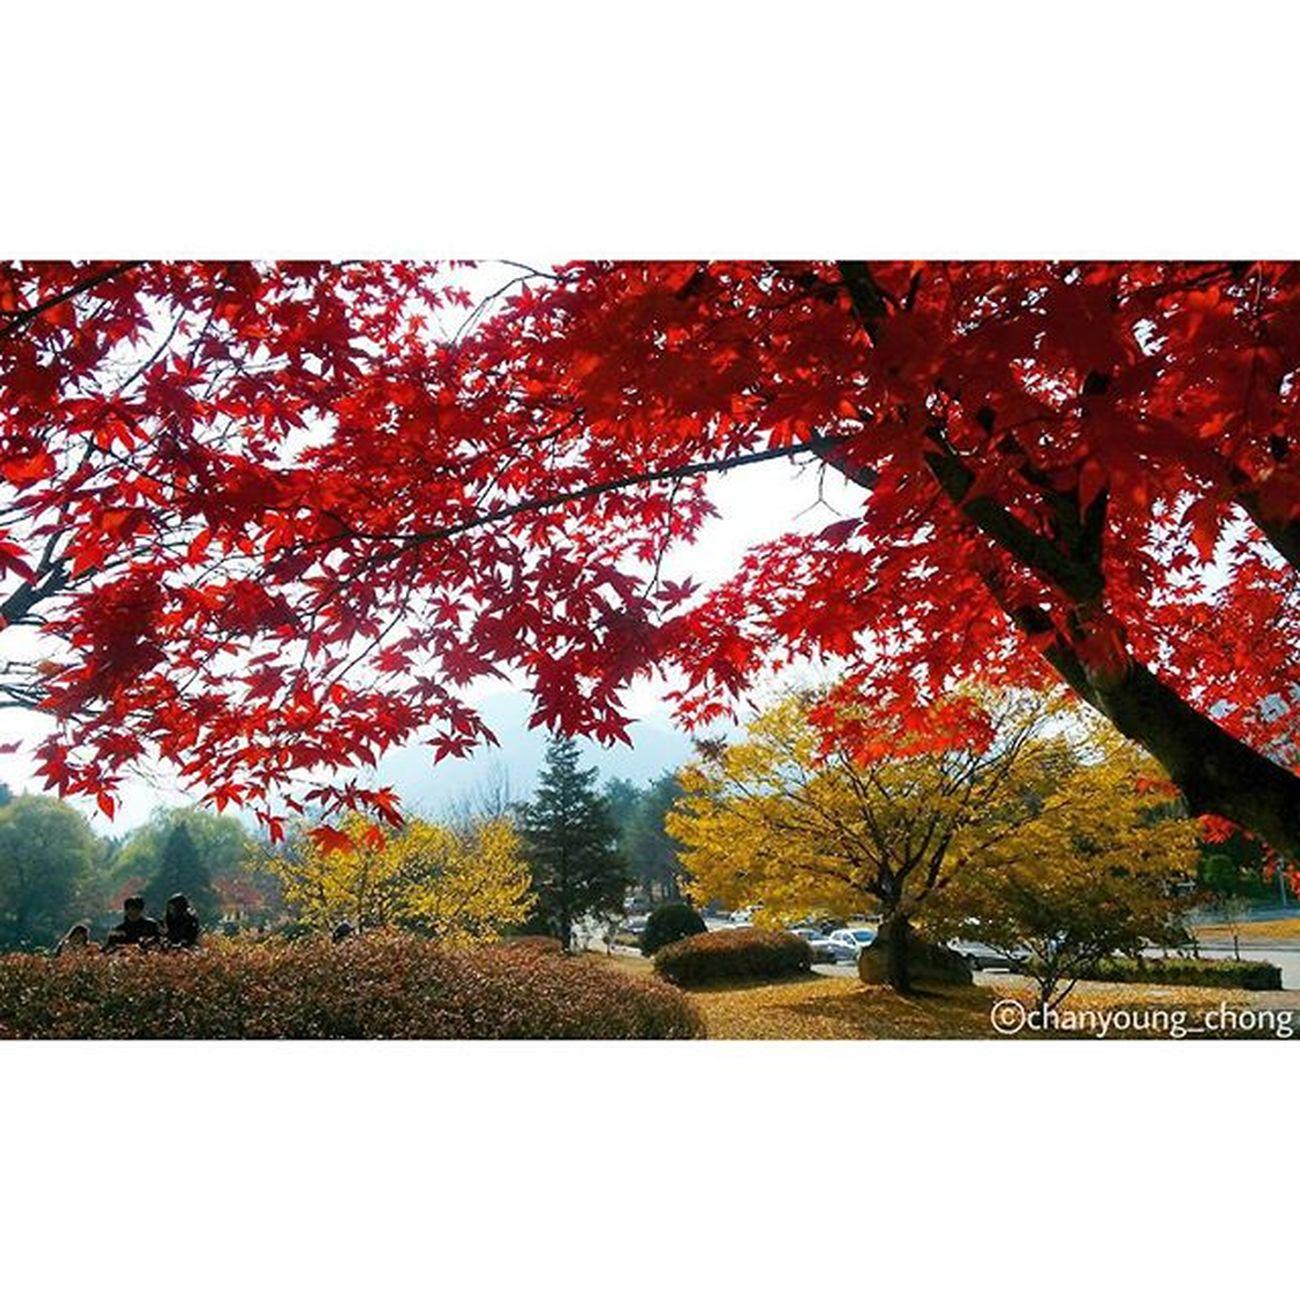 대한민국 현충원 2015  가을 단풍 나무 단풍나무 은행나무 자연 사진 Korea NationalCemetery 2015  Fall Maple Tree MapleTree Ginko Nature Photo